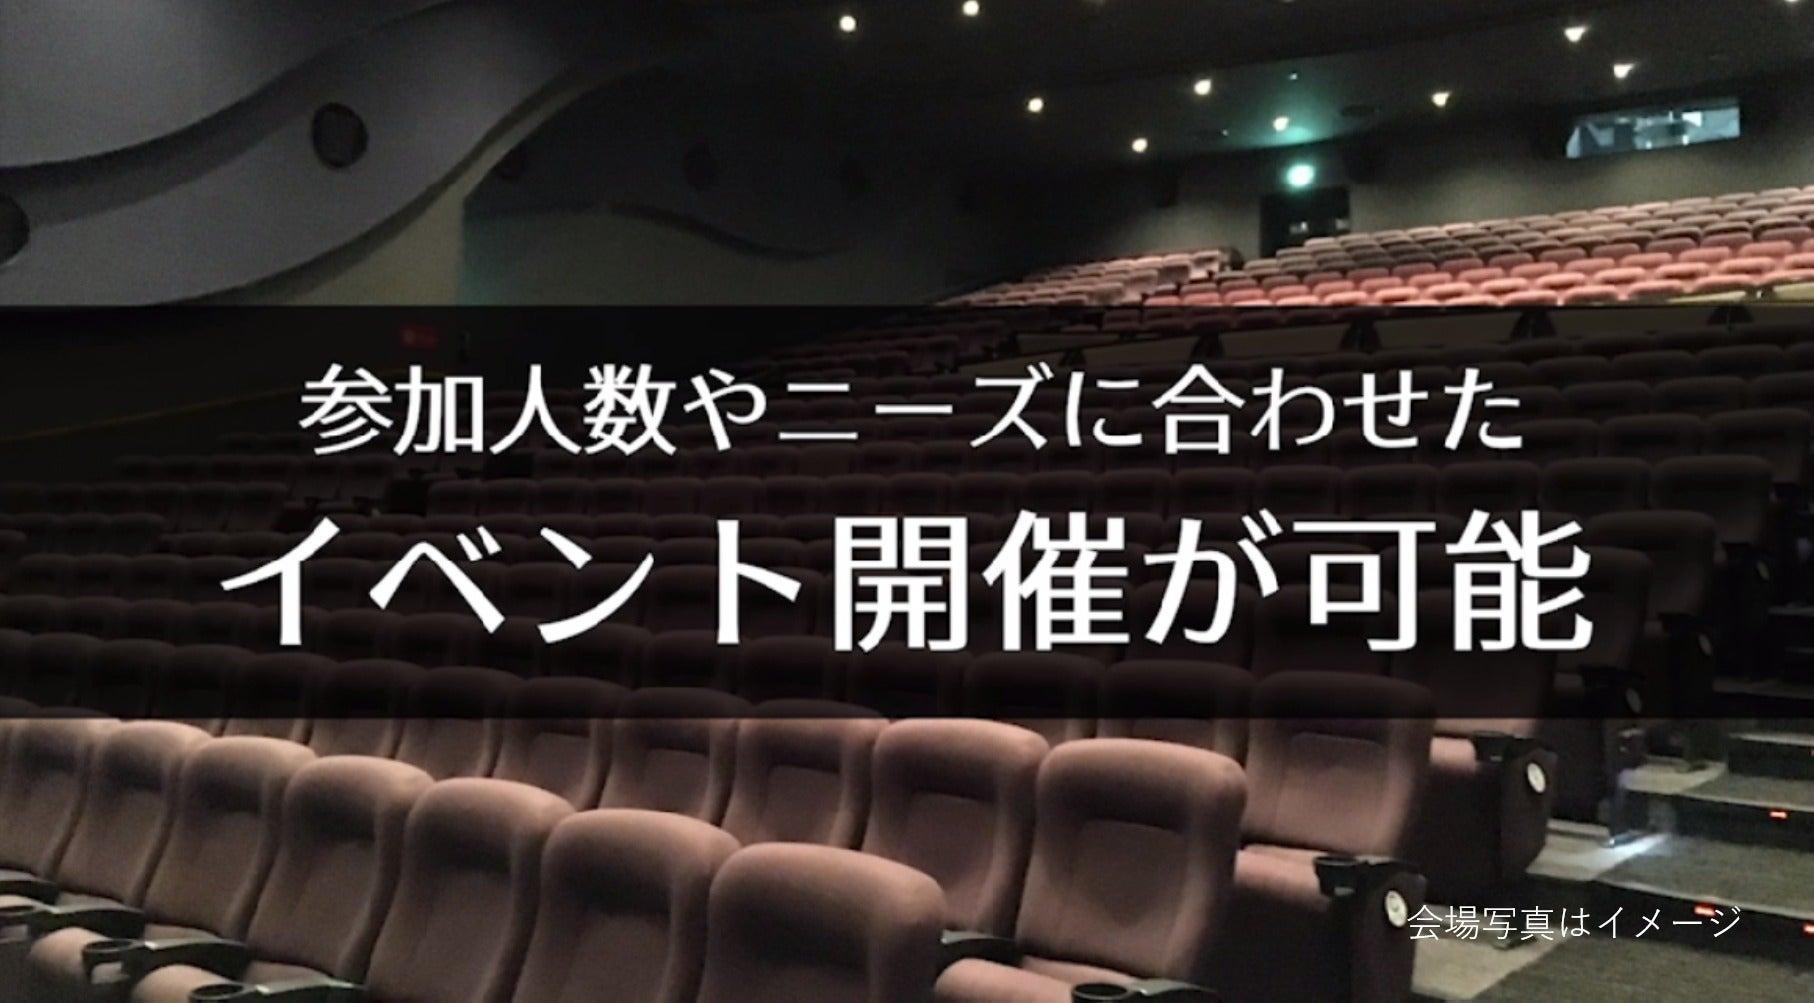 【熊本 163席】映画館で、会社説明会、株主総会、講演会の企画はいかがですか?(ユナイテッド・シネマ熊本) の写真0